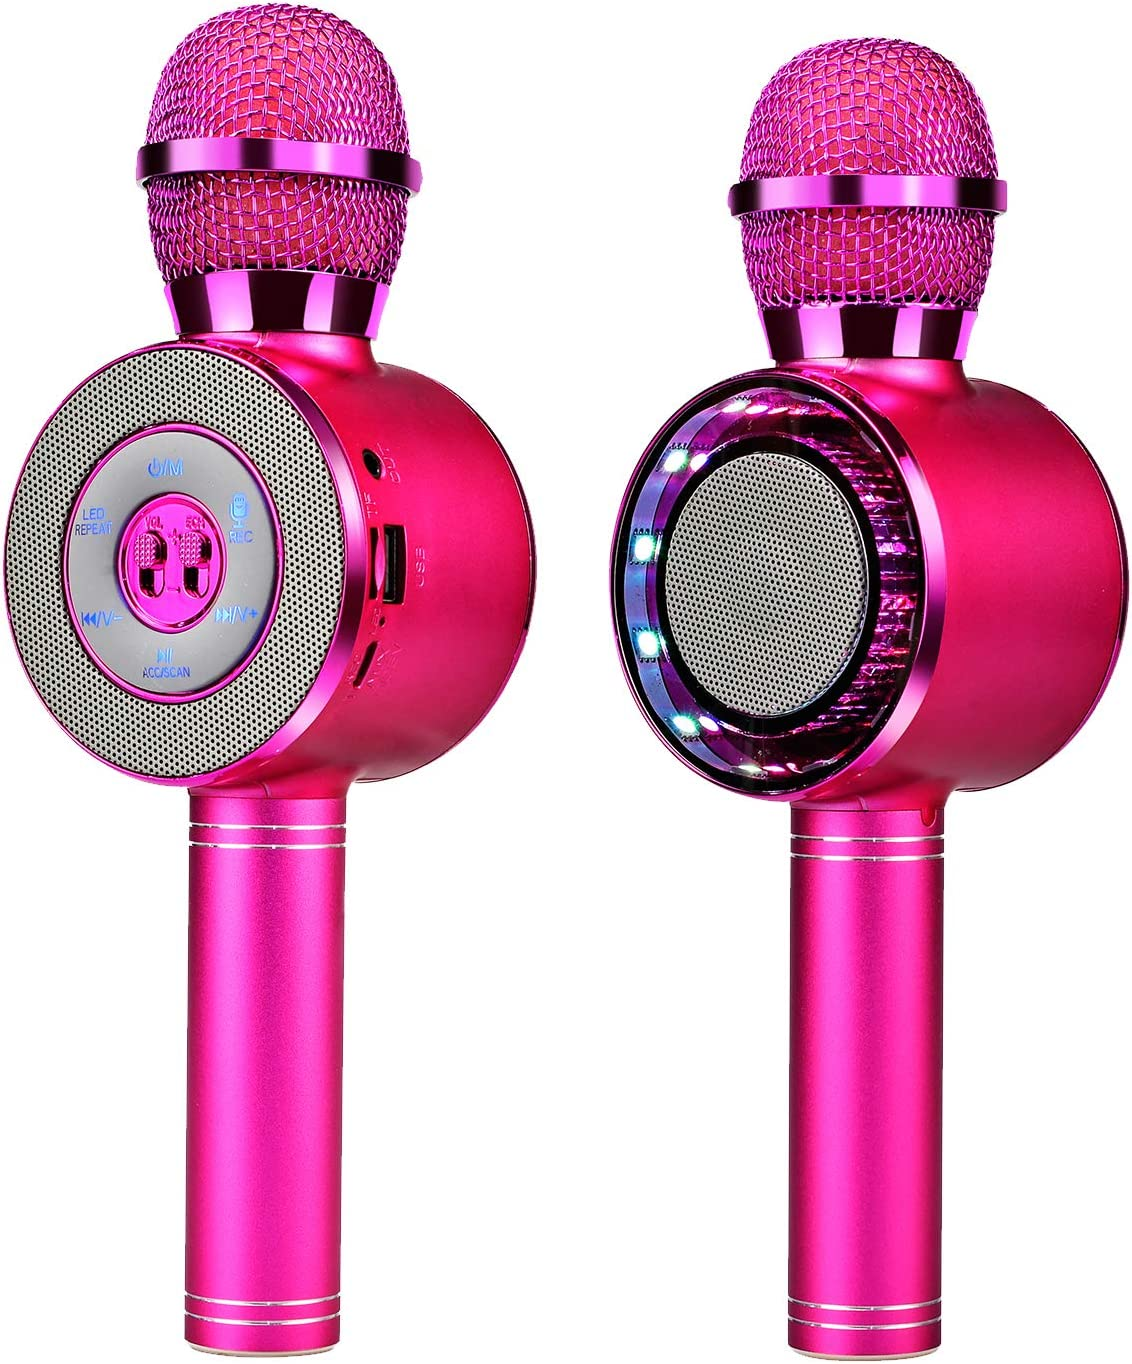 Micrófono inalámbrico de karaoke, micrófono Bluetooth portátil para niños con altavoz y luces LED, altavoz portátil con reproductor de micrófono para fiesta de cumpleaños de Navidad (ROSA)